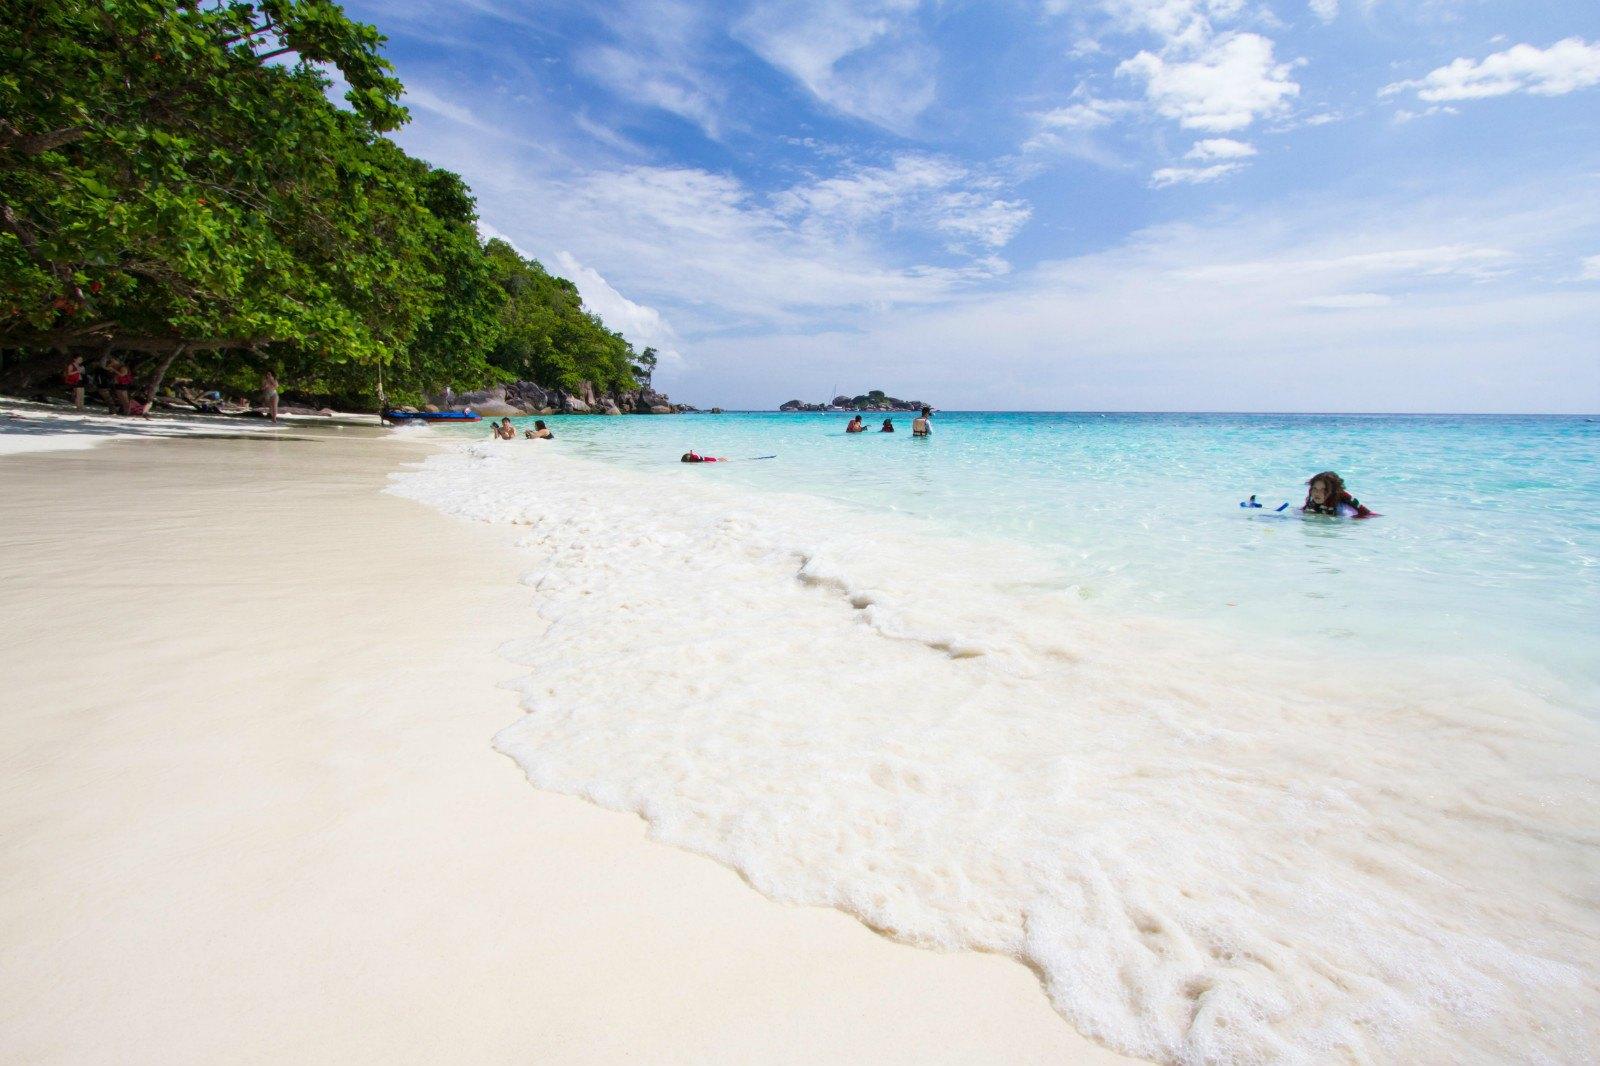 【话说南洋】武汉直航泰国普吉岛品质六日游(椰岛传奇